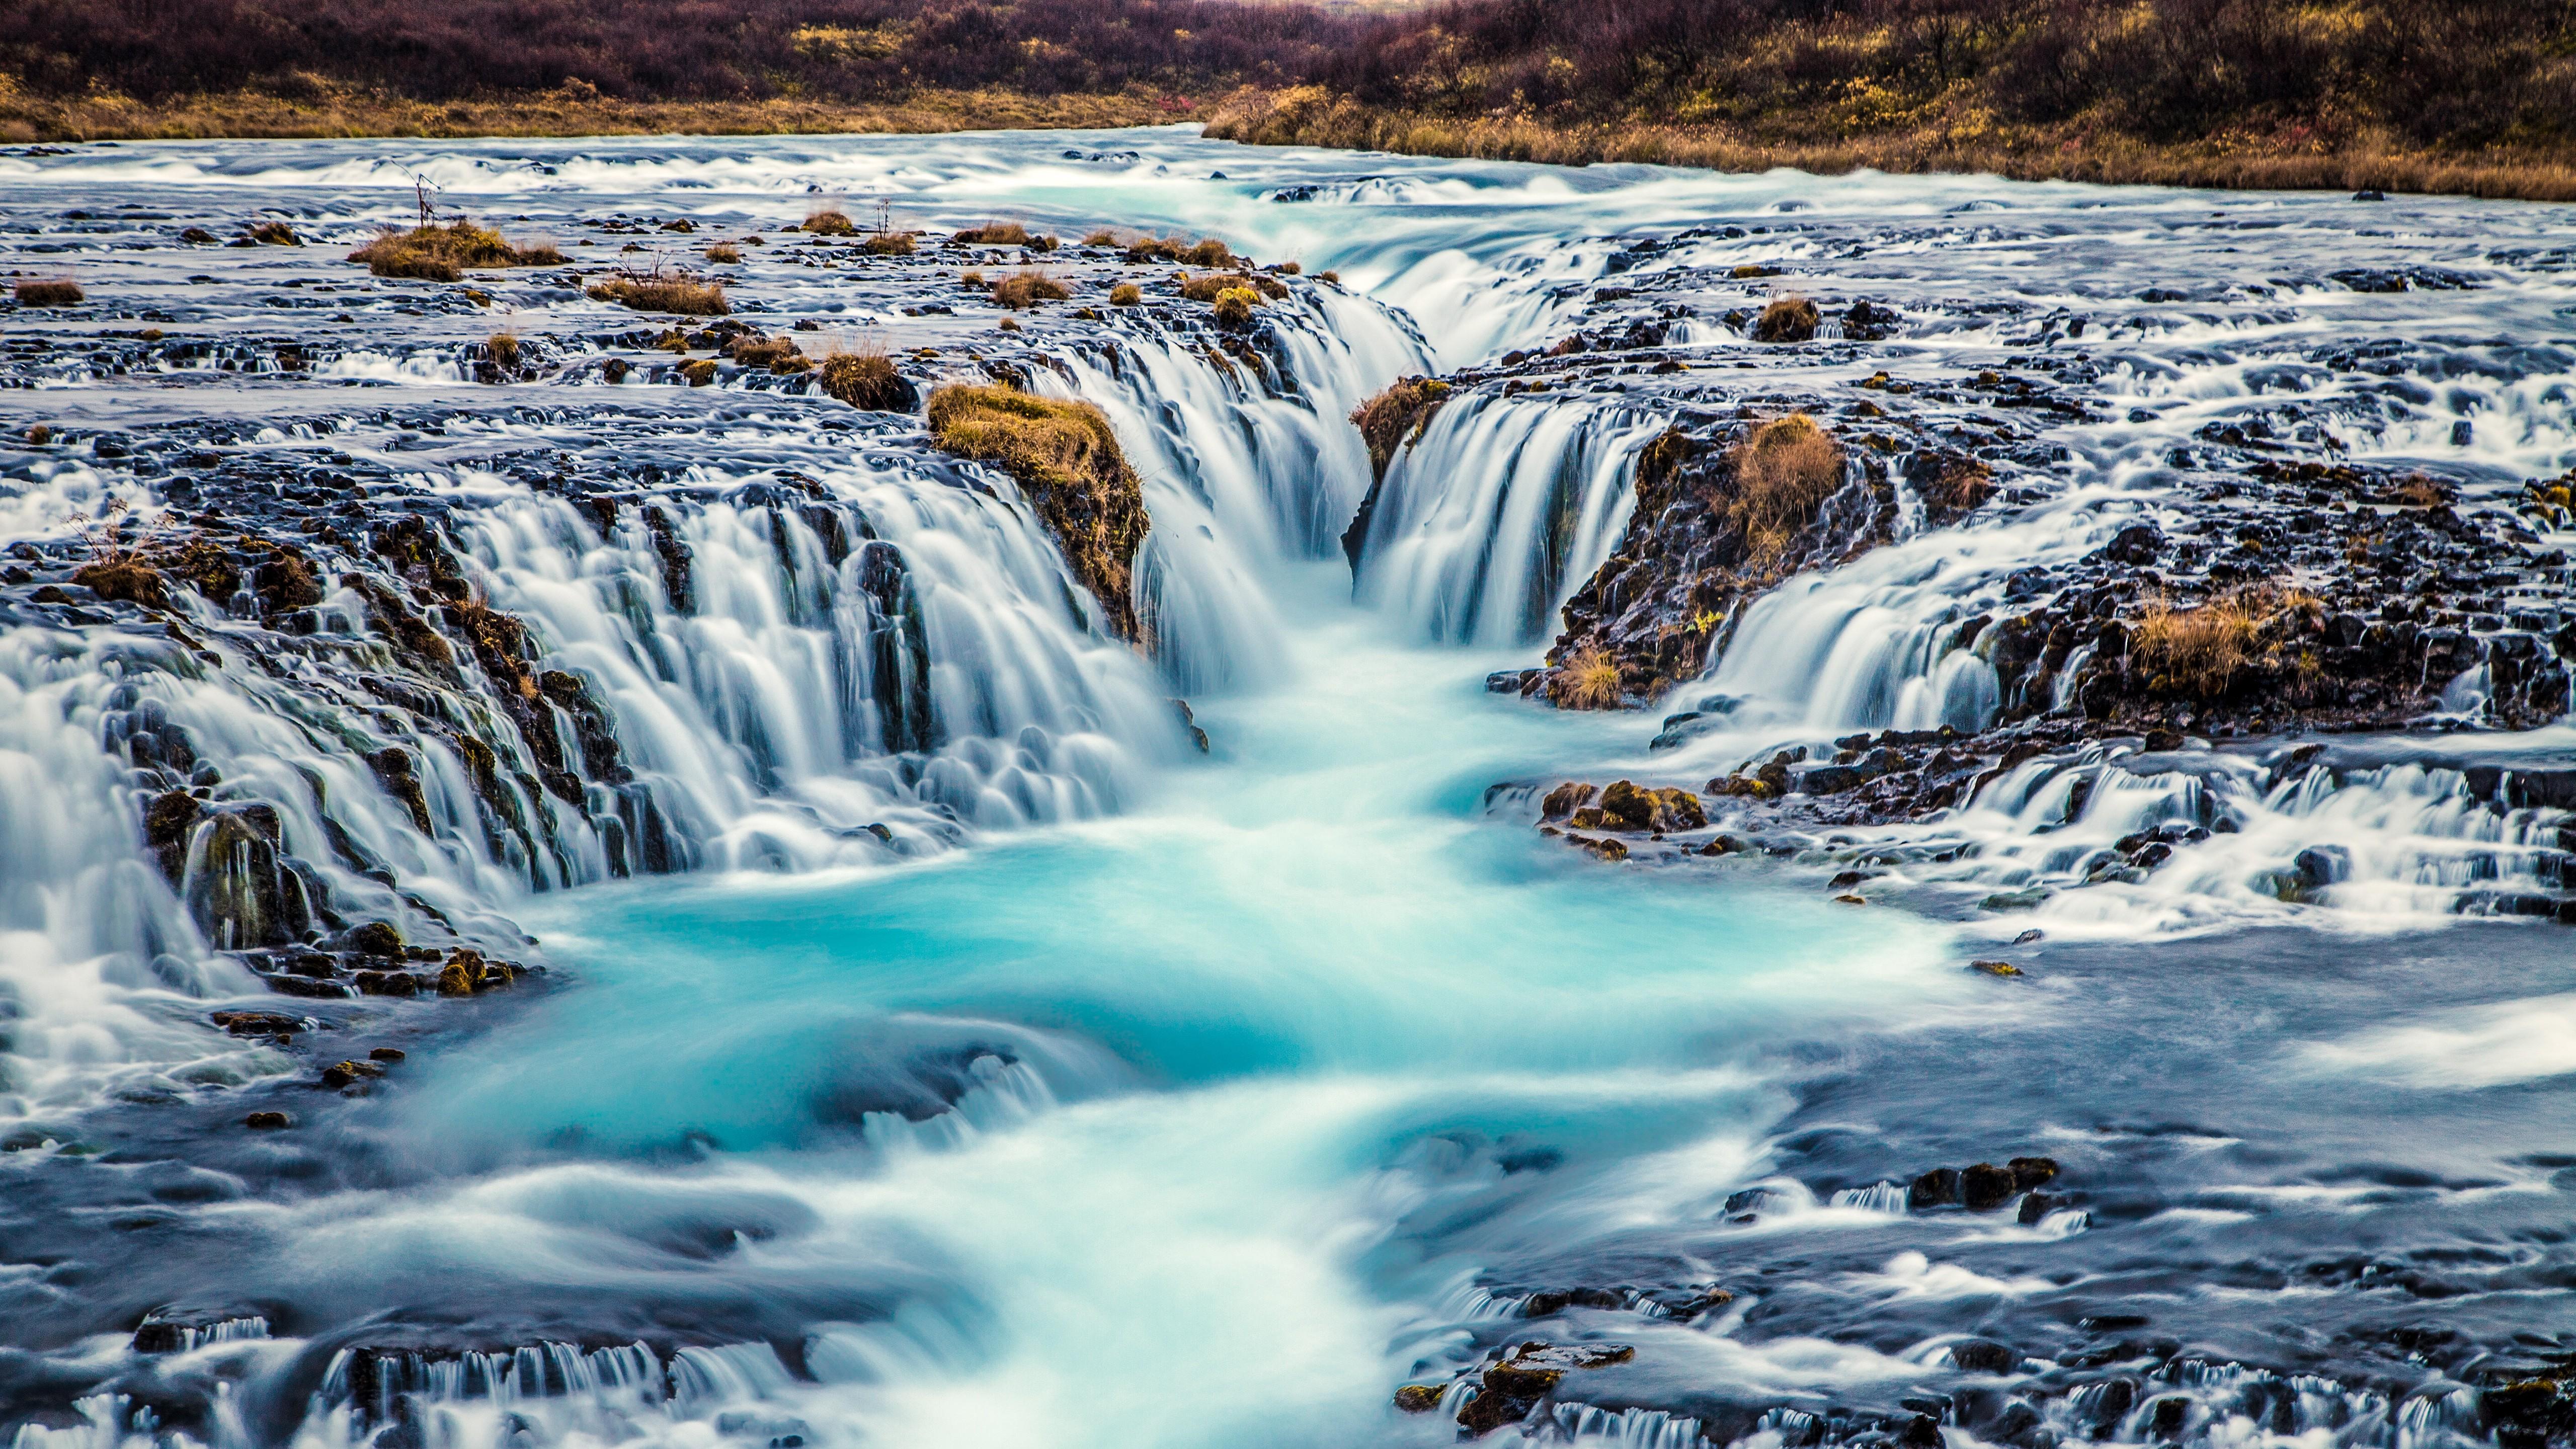 Вода фото красивые картинки, целоваться картинки